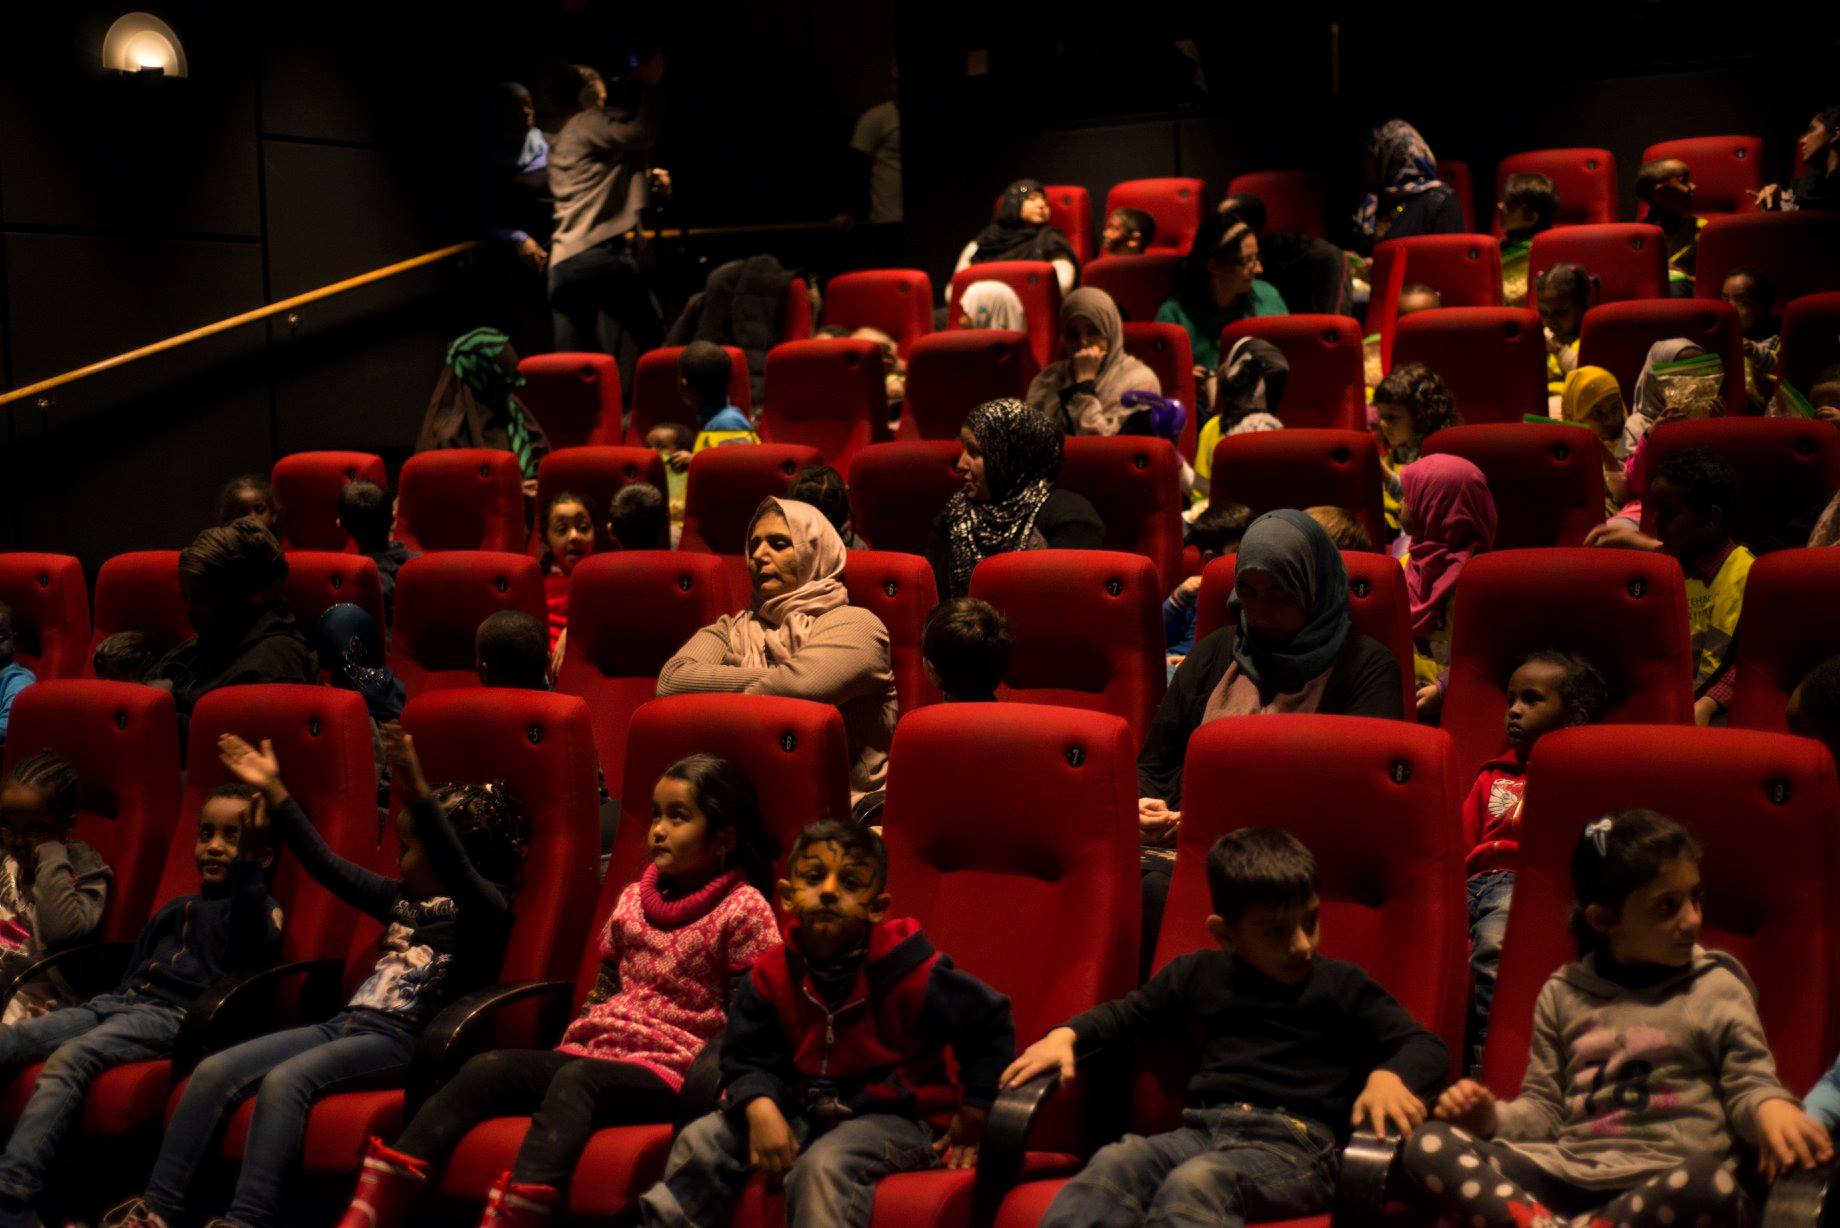 filmfestival.jpg